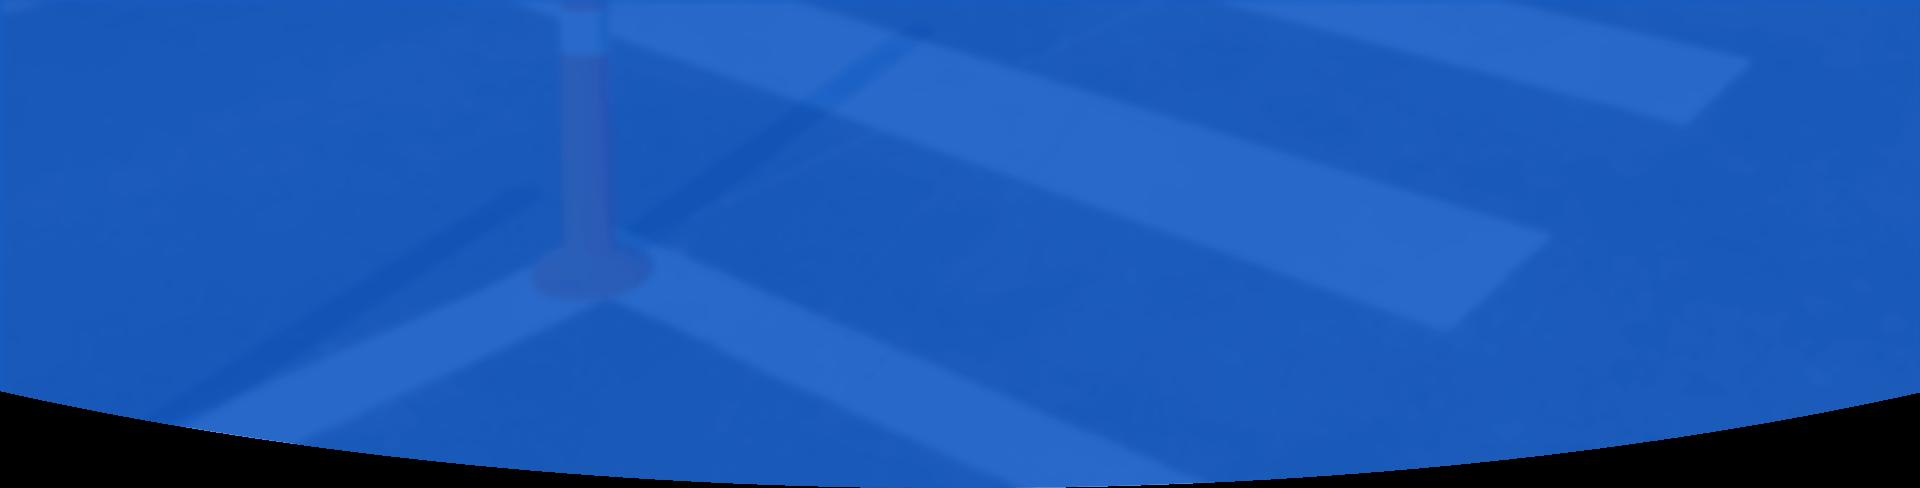 Sub Banner